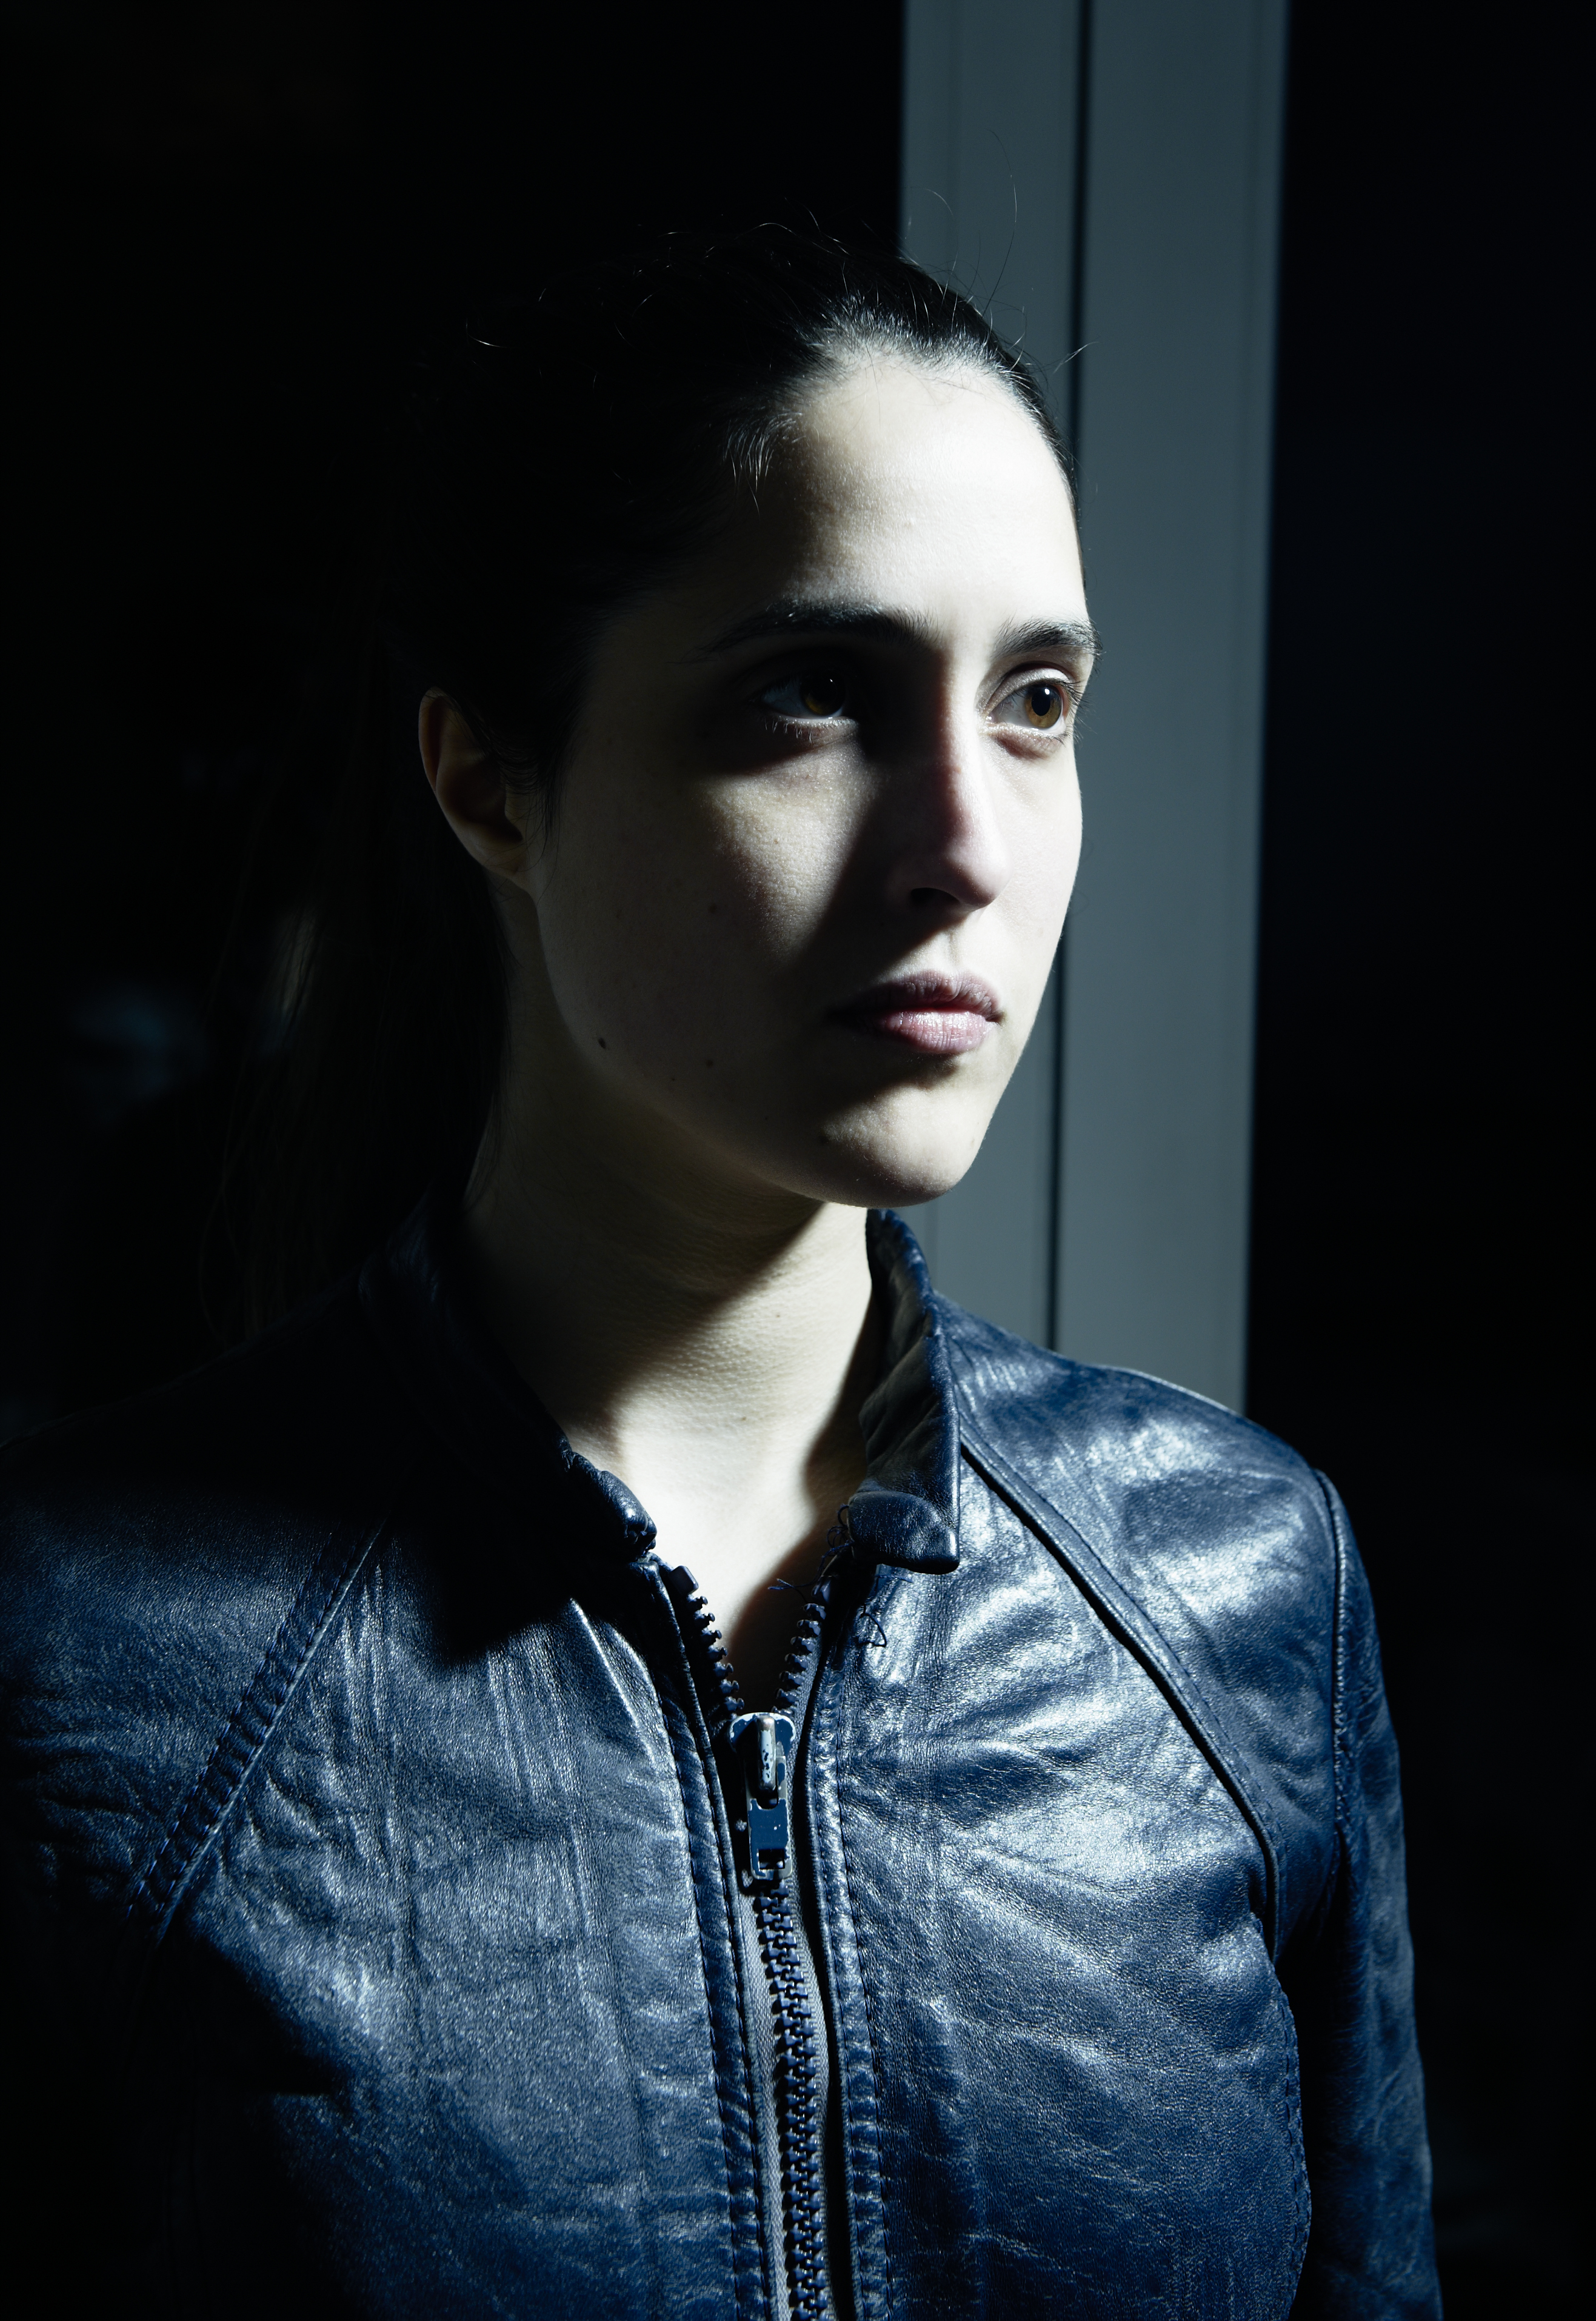 Helena Hauff ©Fabian Hammerl Photographie